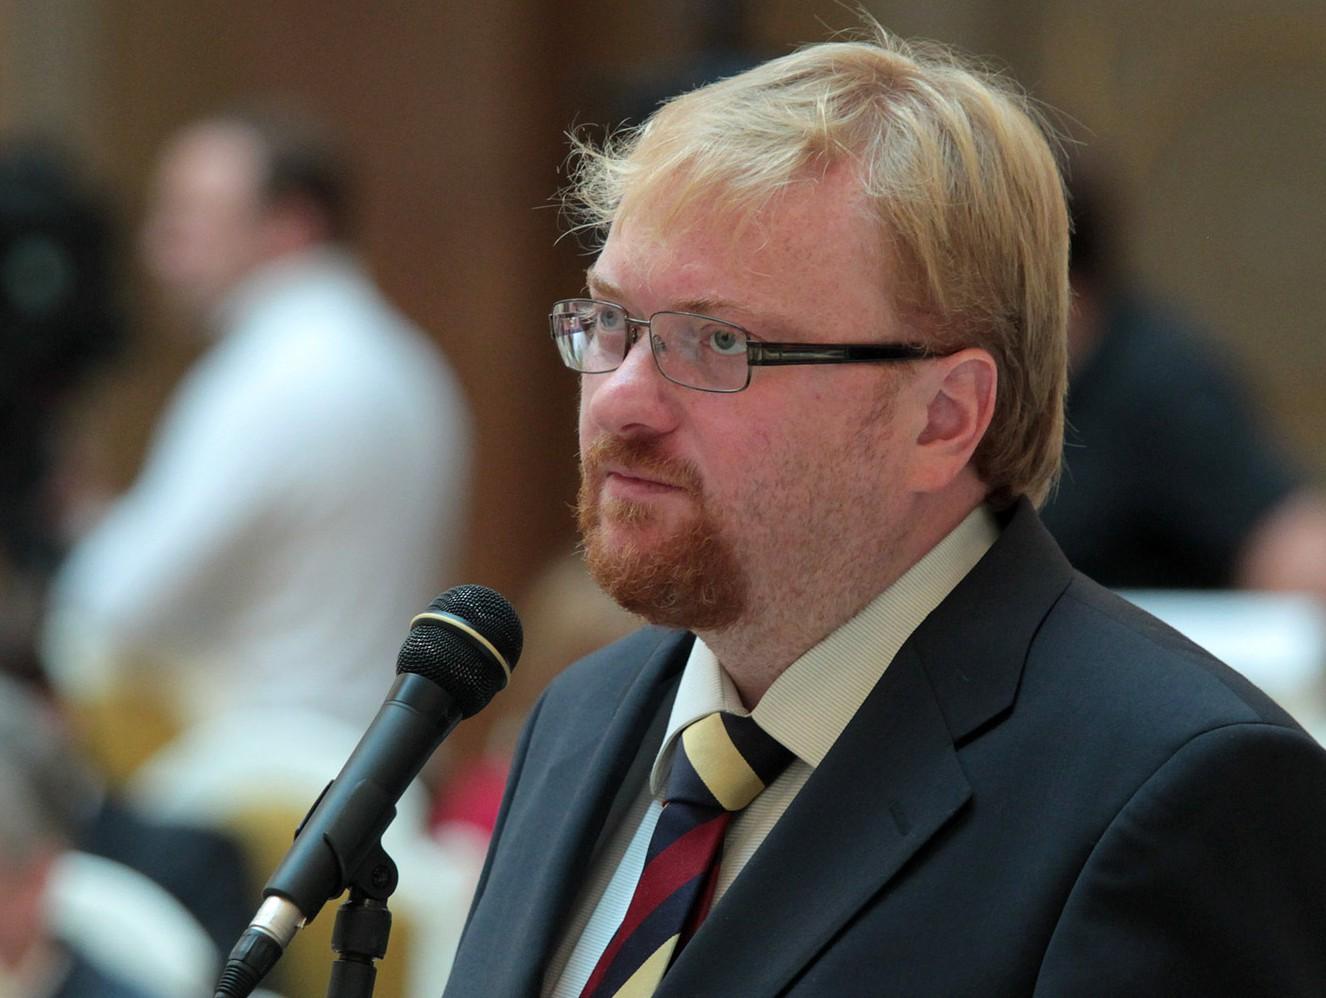 Милонов призвал цензурировать